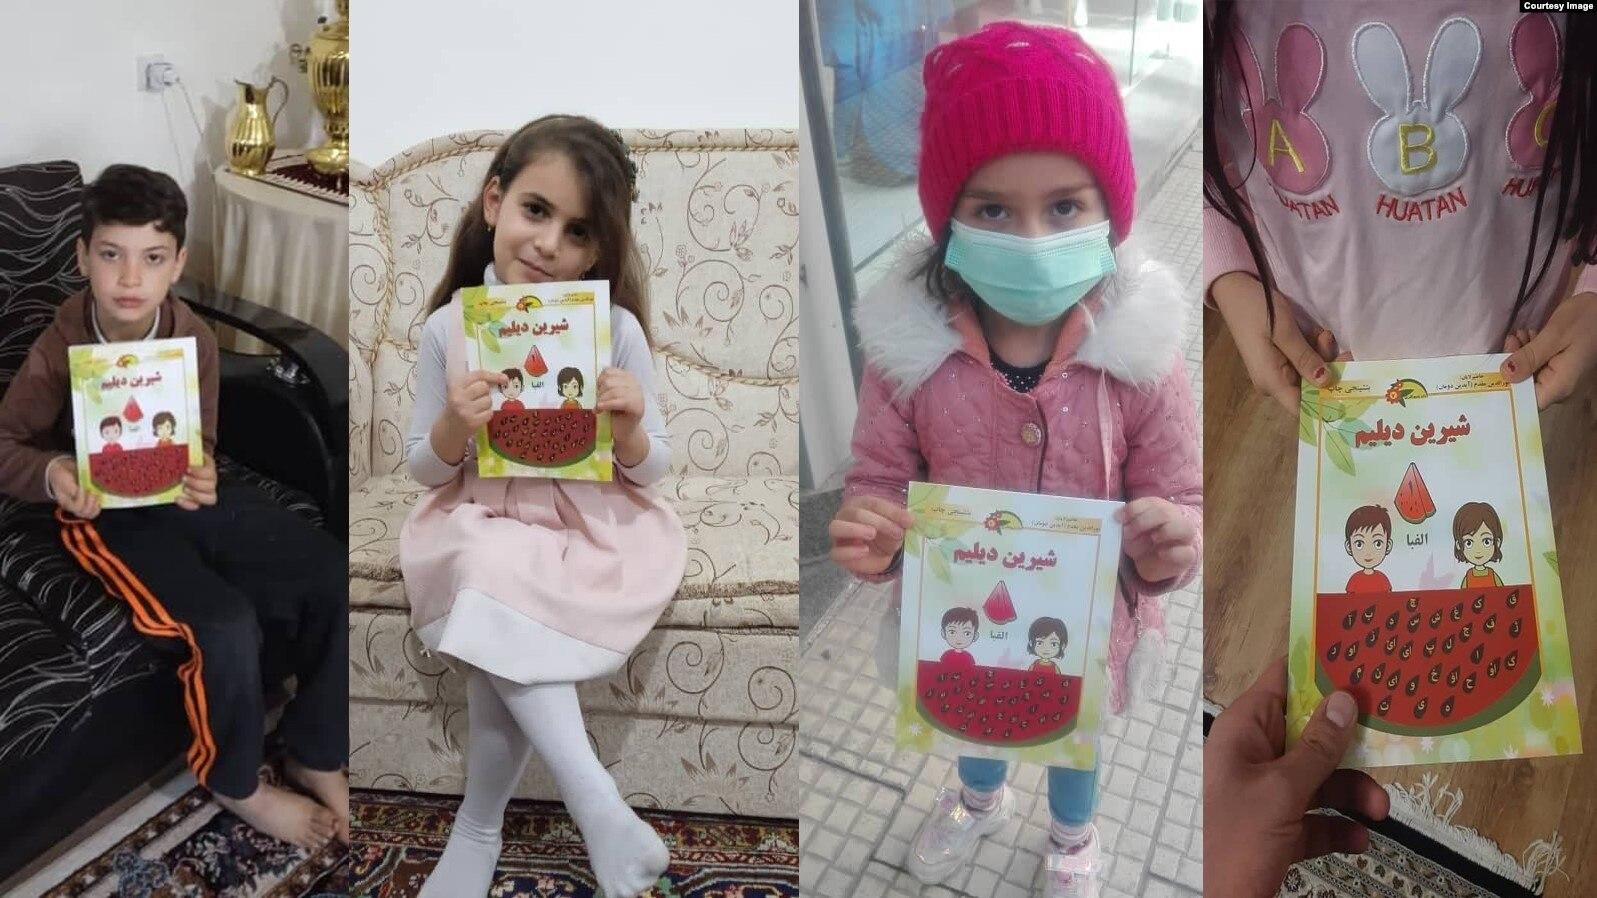 در آستانه روز جهانی زبان مادری ، کتابهای ترکی در ارومیه و تبریز توزیع شد